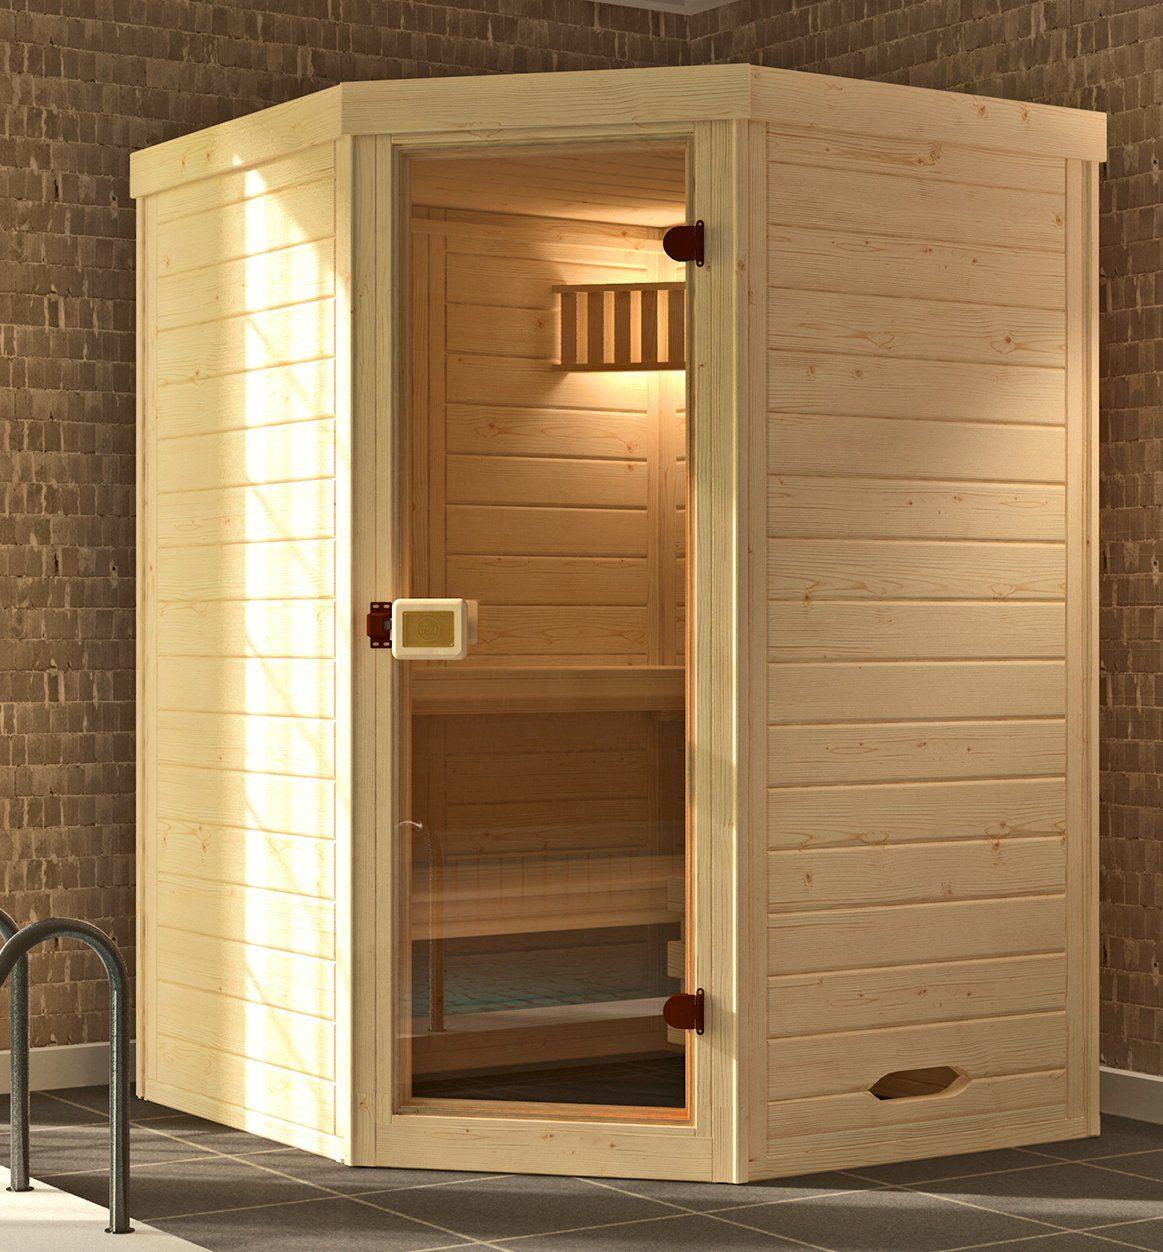 WEKA Sauna »Laukkala Gr.1«, 144x144x199 cm, ohne Ofen